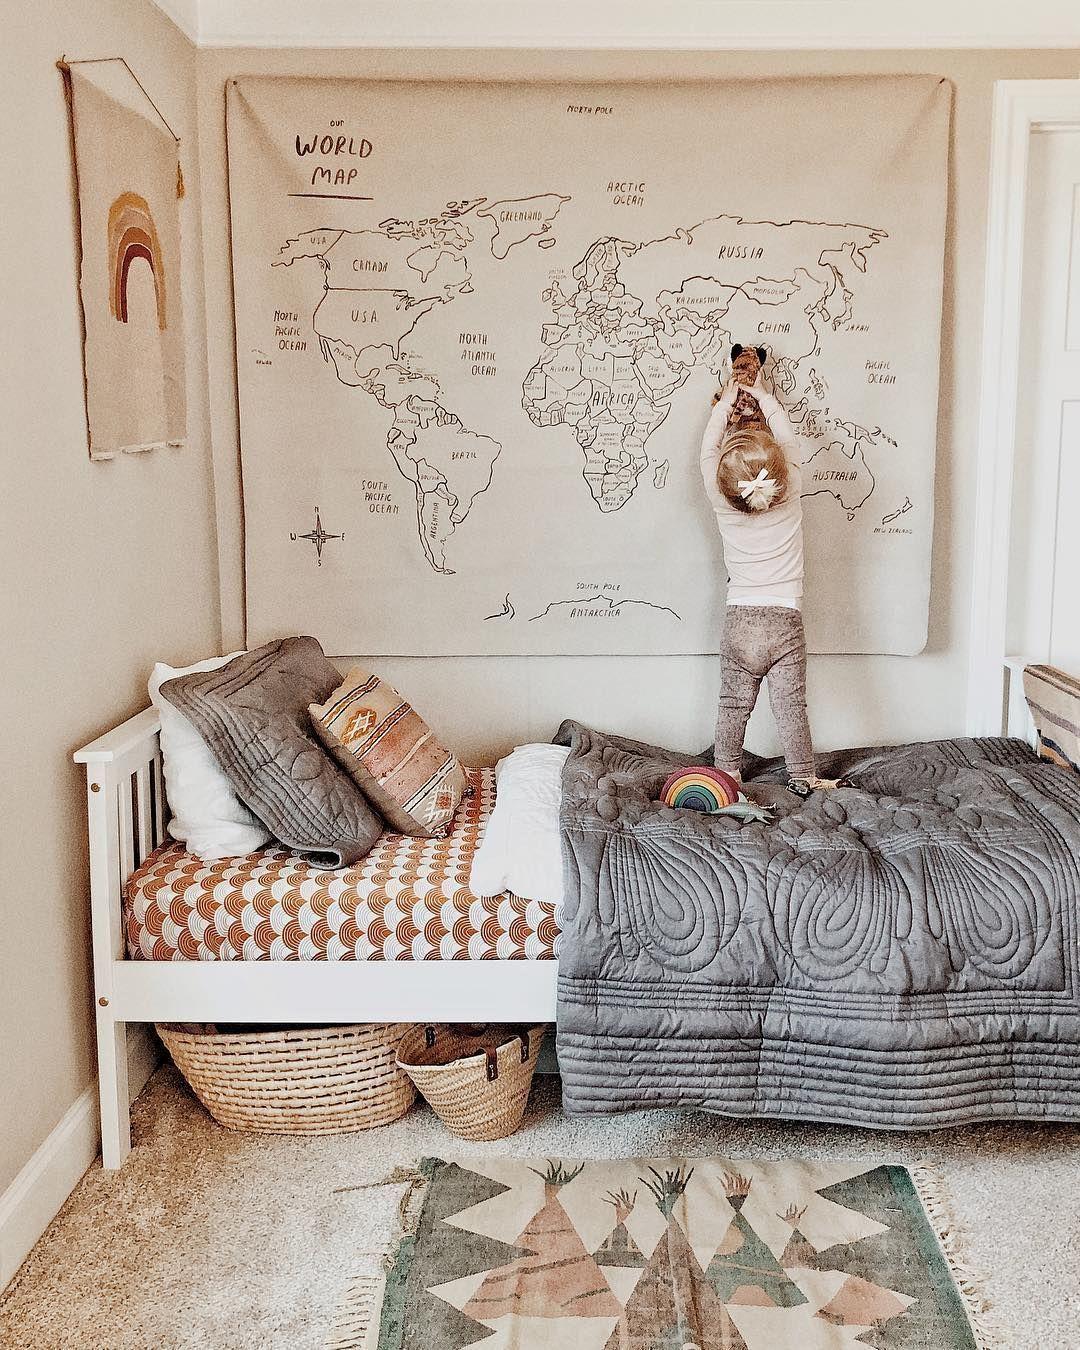 Impressive bedroomdesign ideas to boys 28